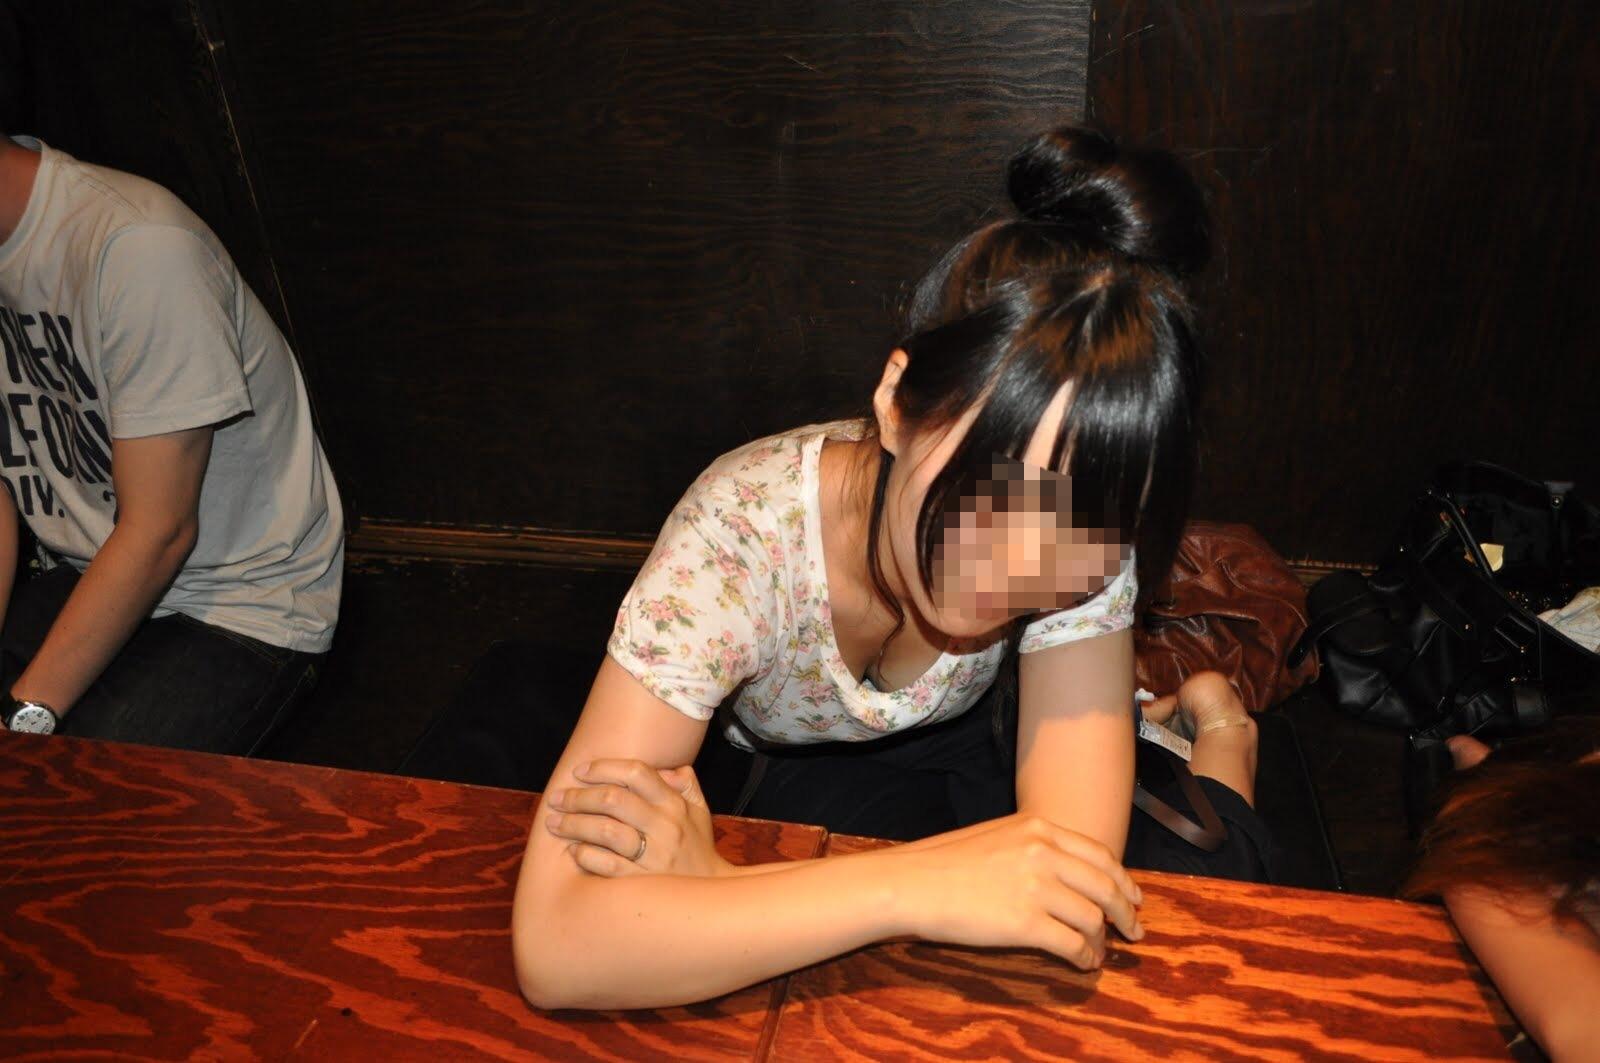 ヤリサーで酒が入ると男女が乱れるエロ画像 YjX9YkzWo2cEWqD